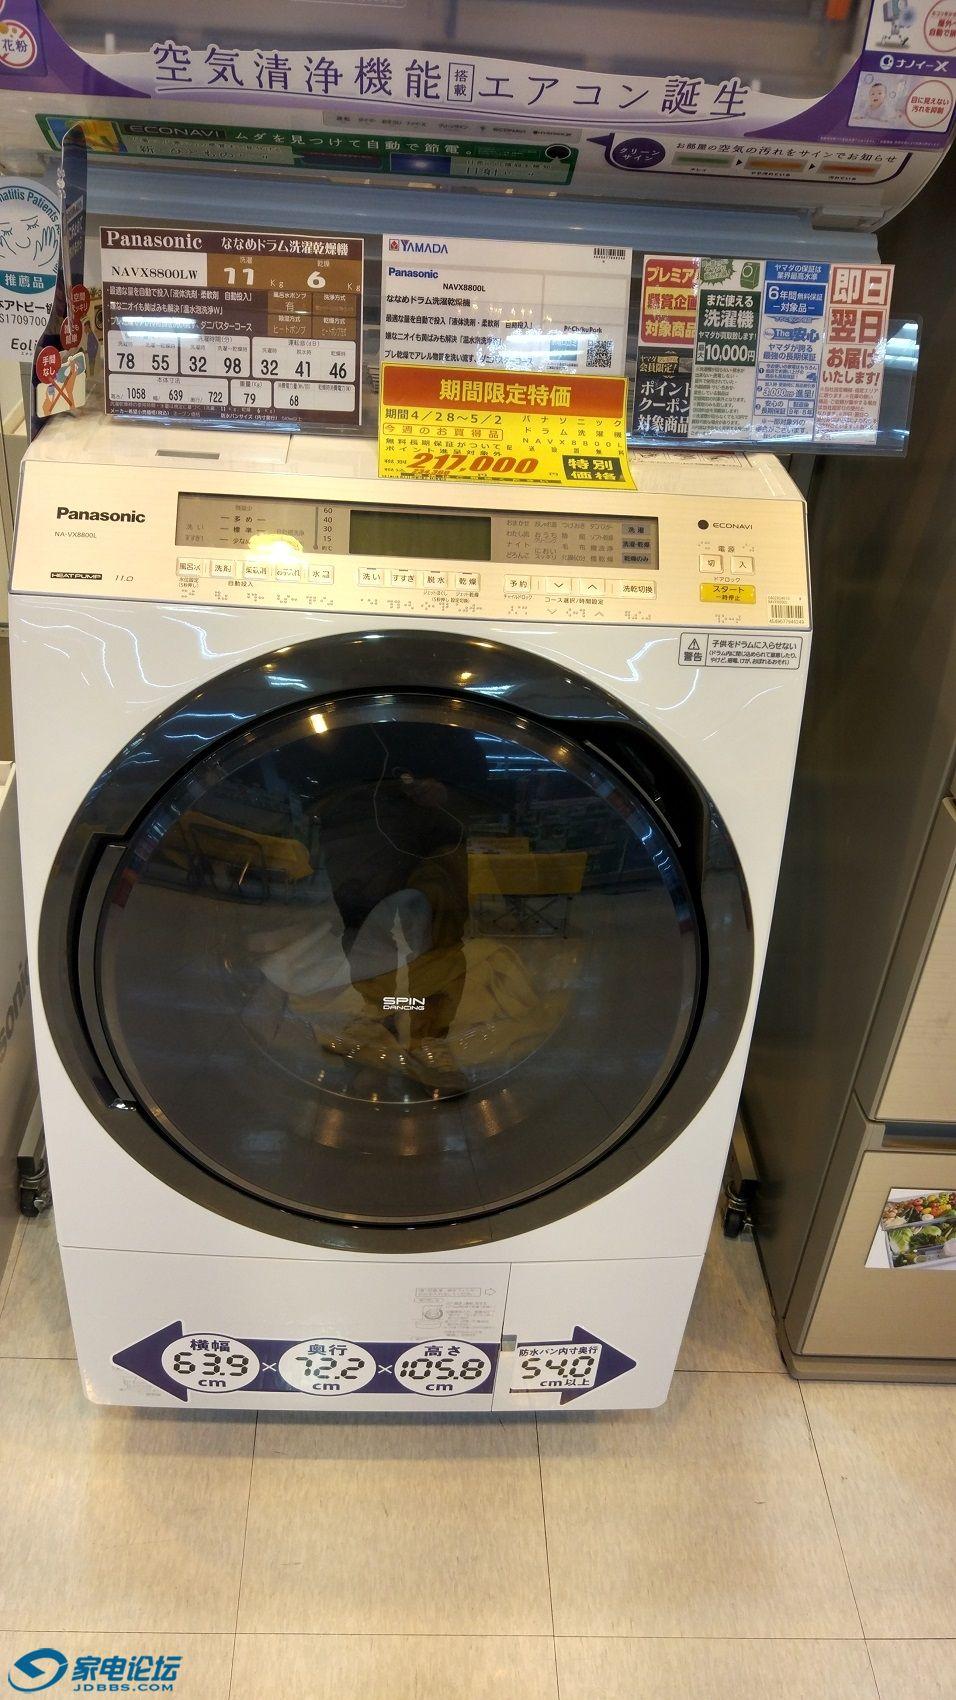 卖场看到这款洗衣机在搞活动